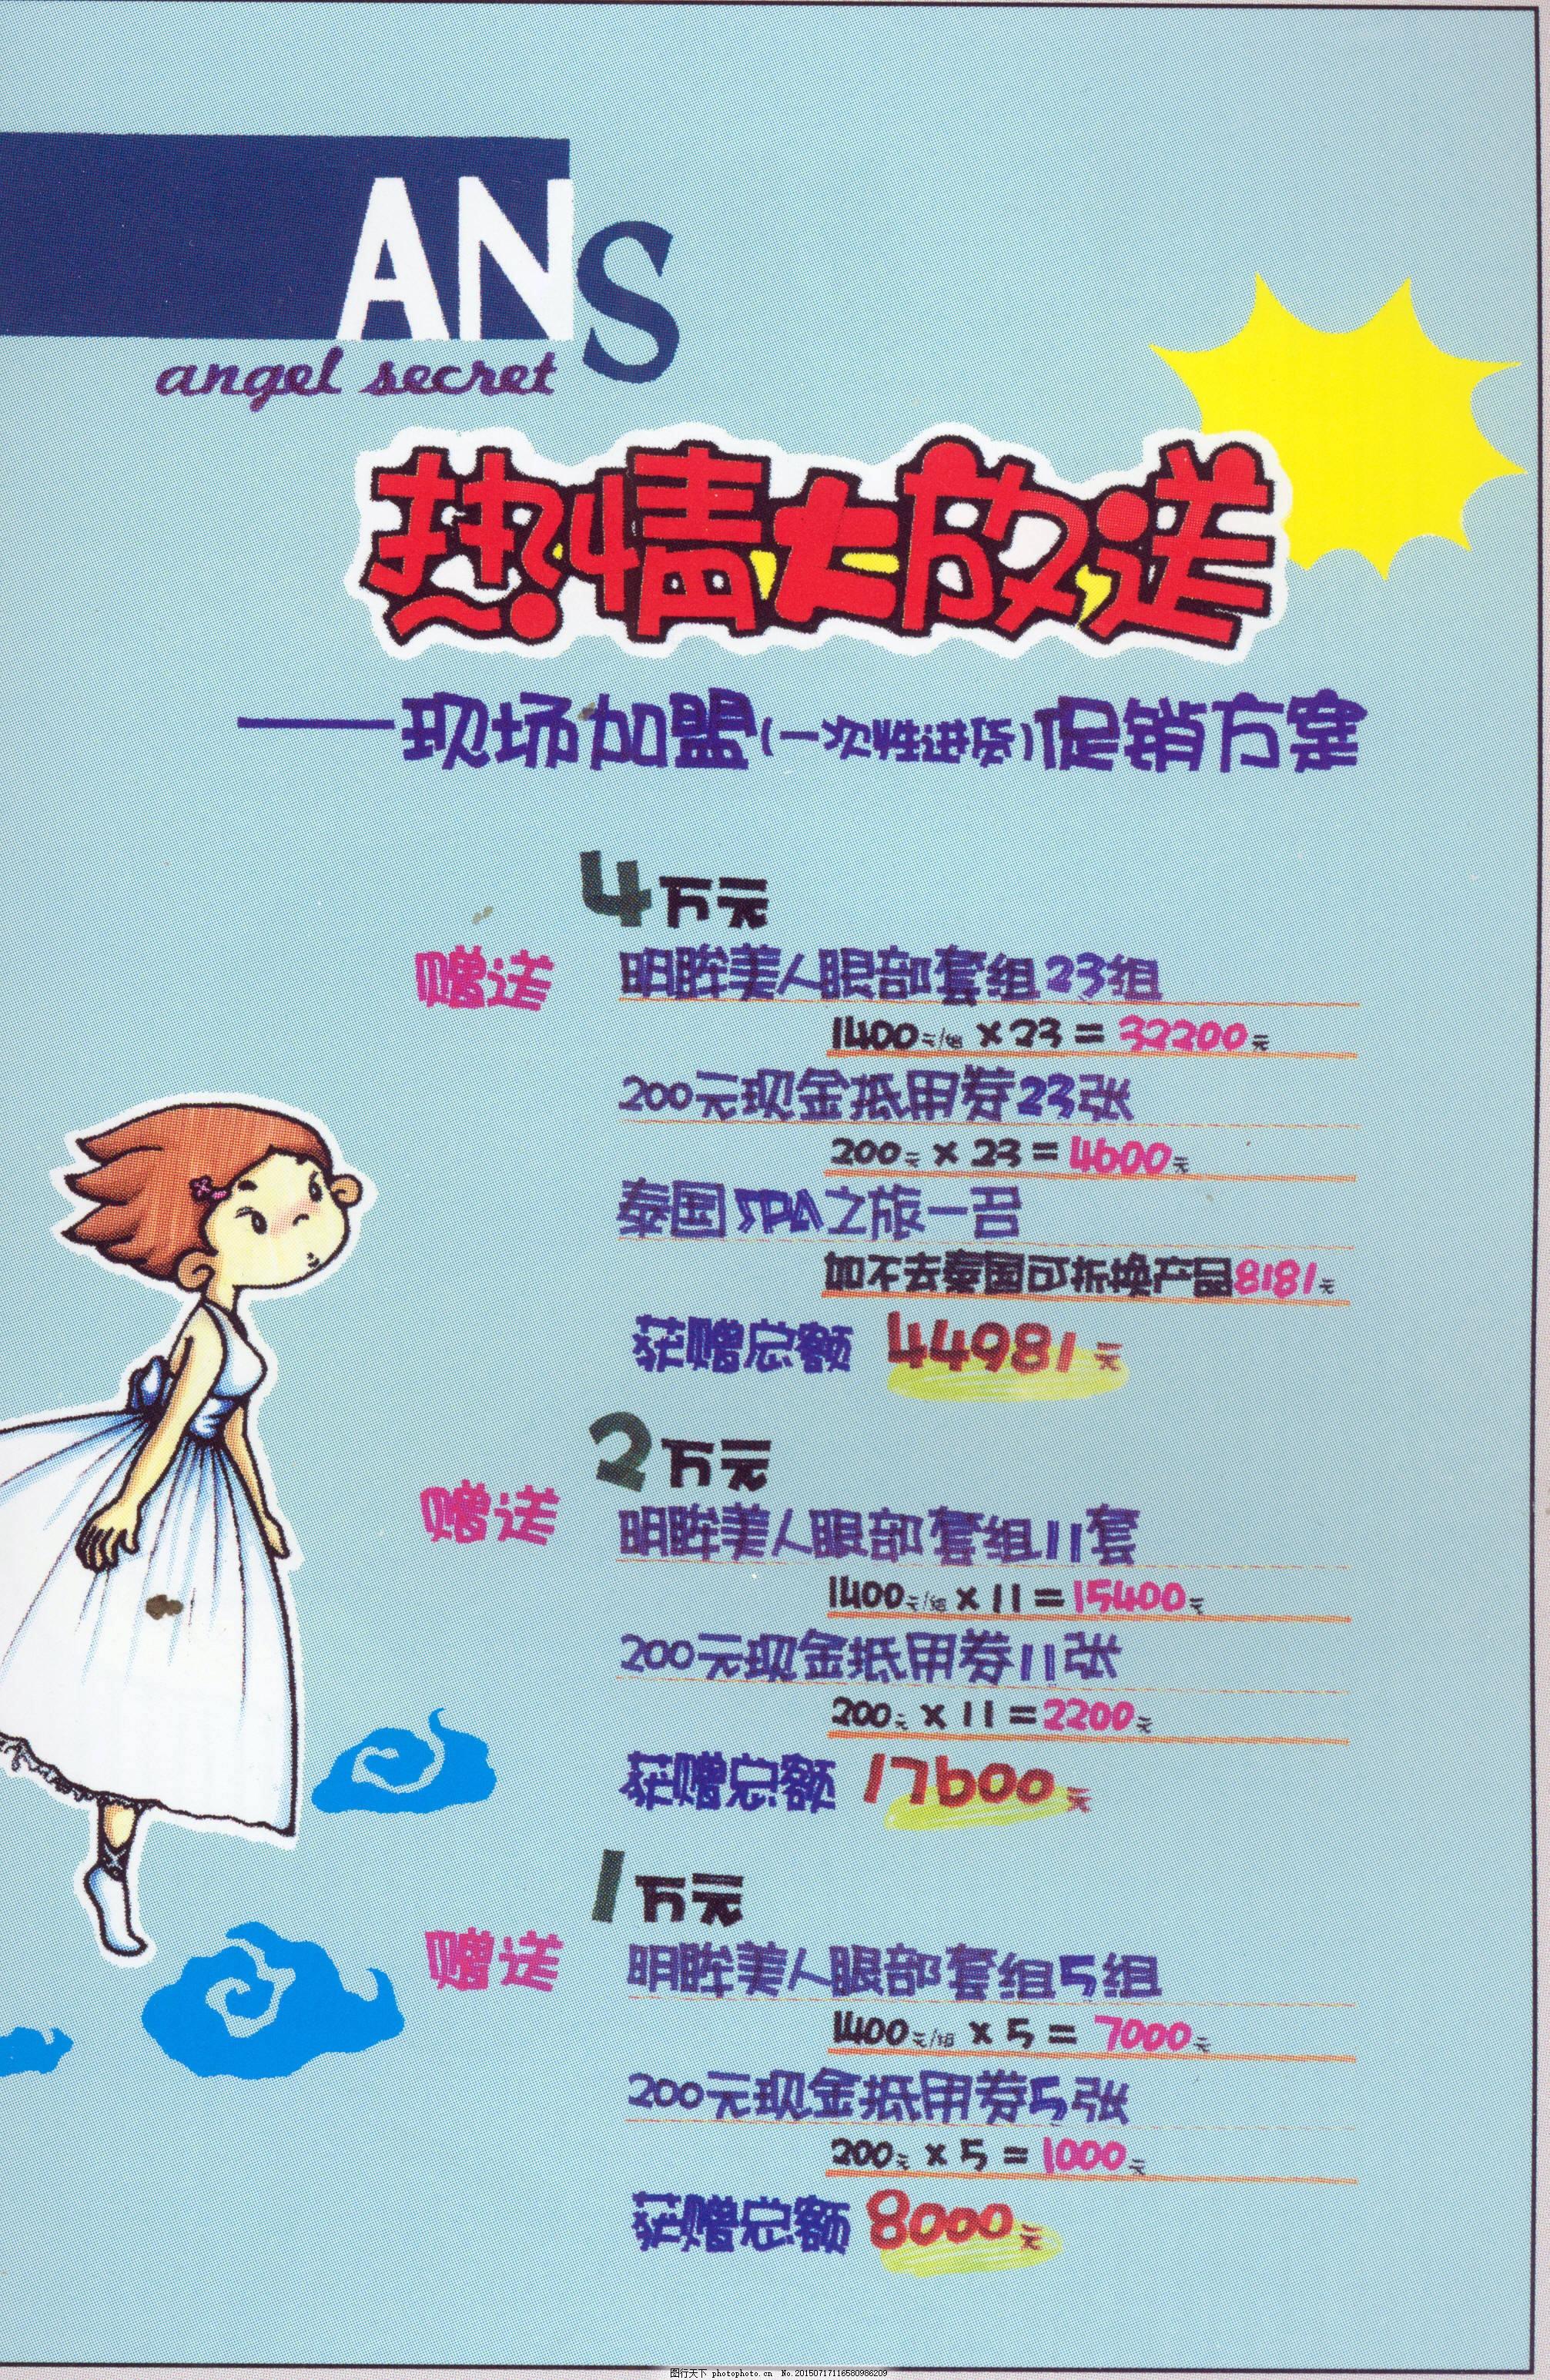 美容美发 pop海报 平面设计_0114